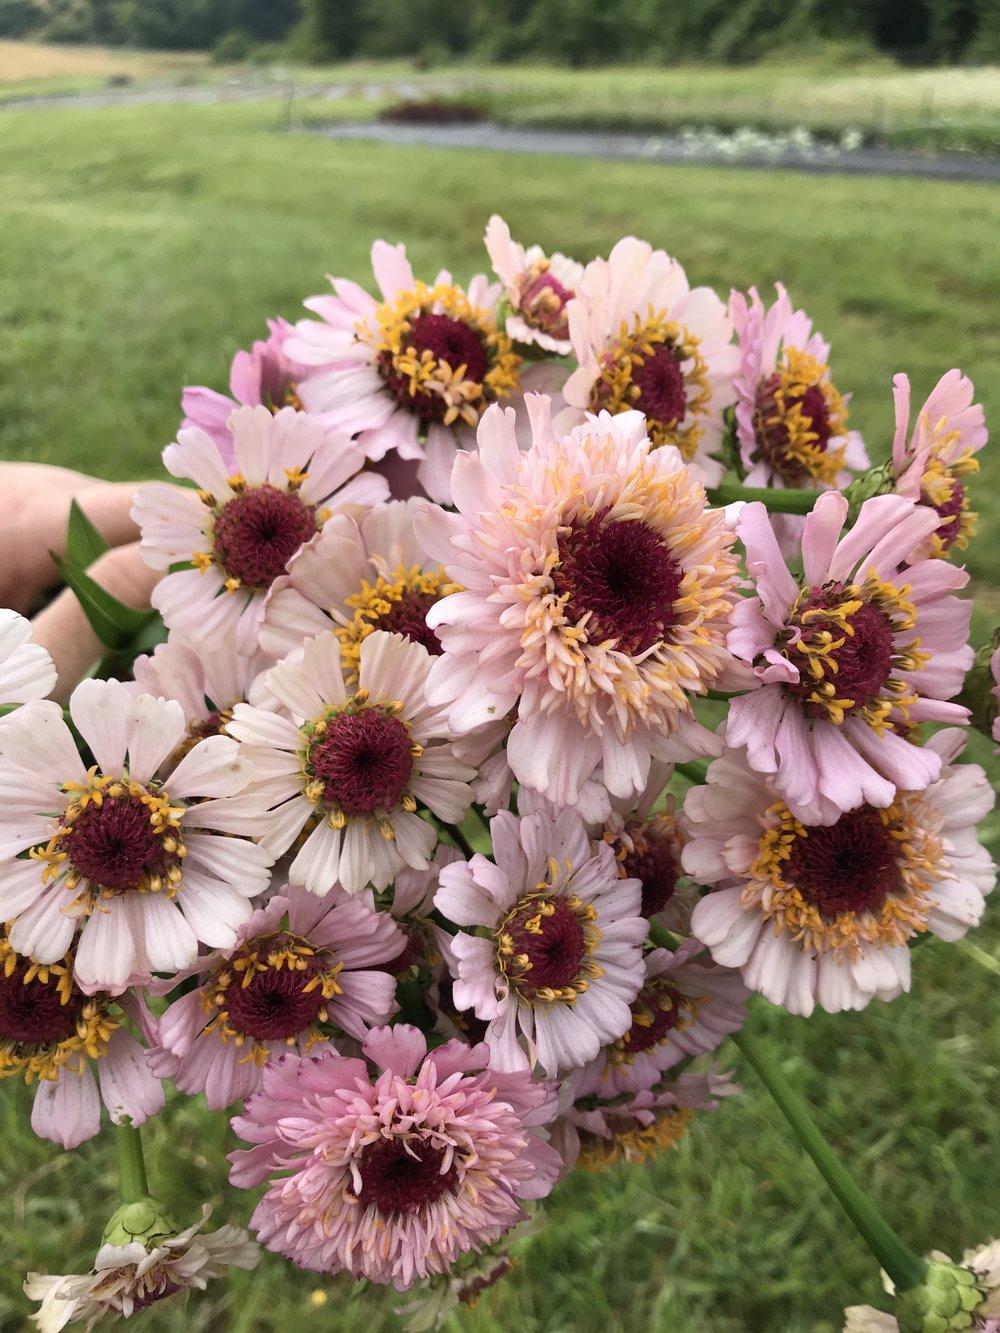 - Zinderella Lilac